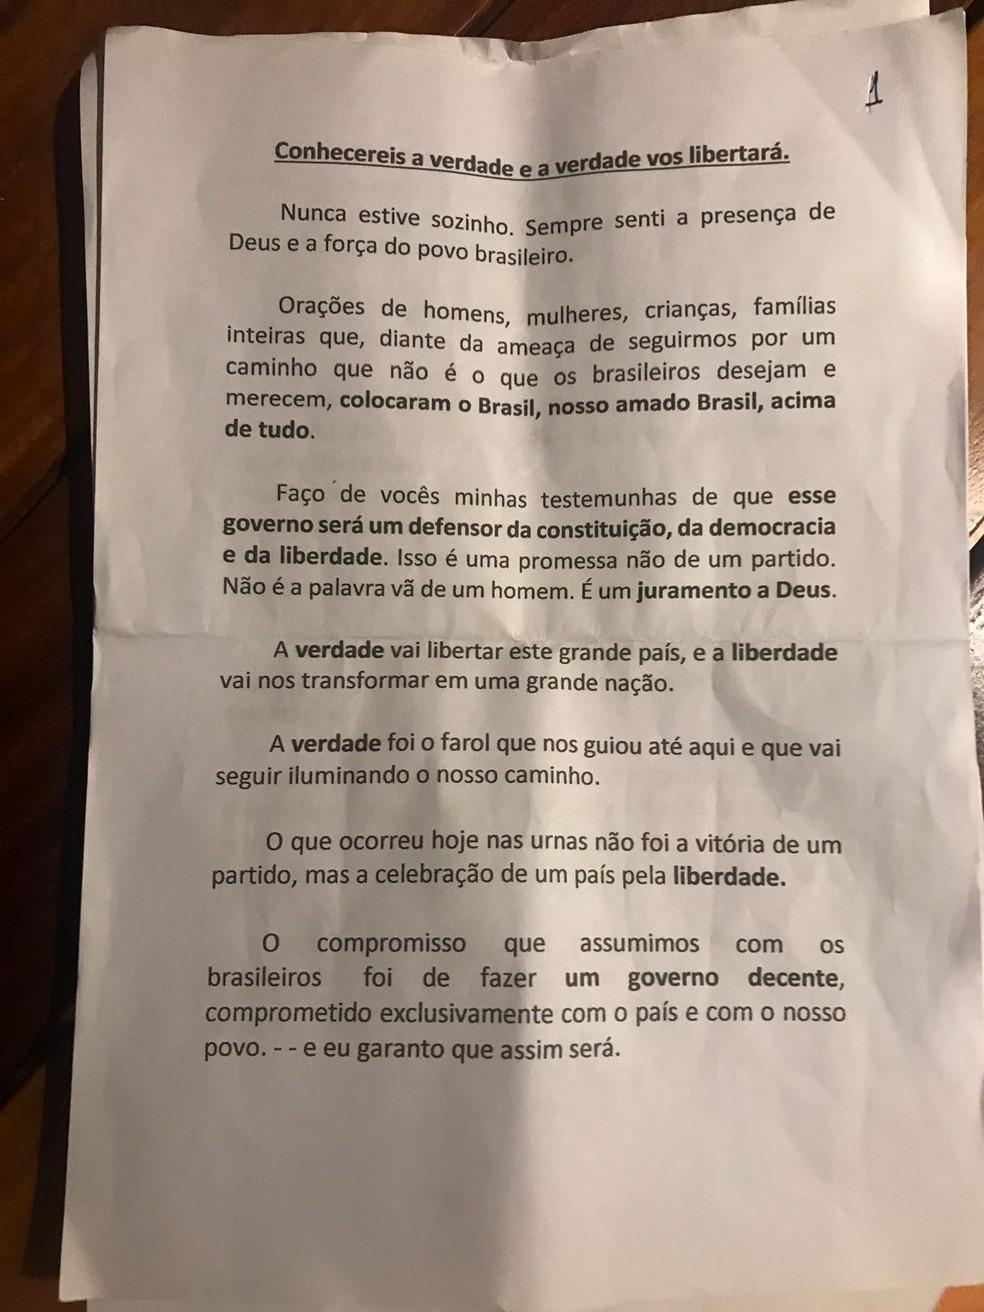 Discurso de Bolsonaro - página 1 — Foto: Reprodução